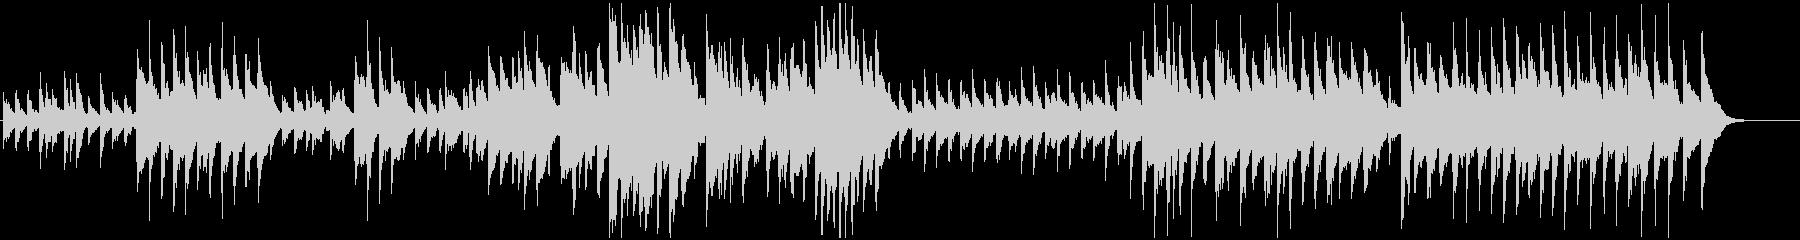 プロムナード(展覧会の絵)ハーピアノの未再生の波形